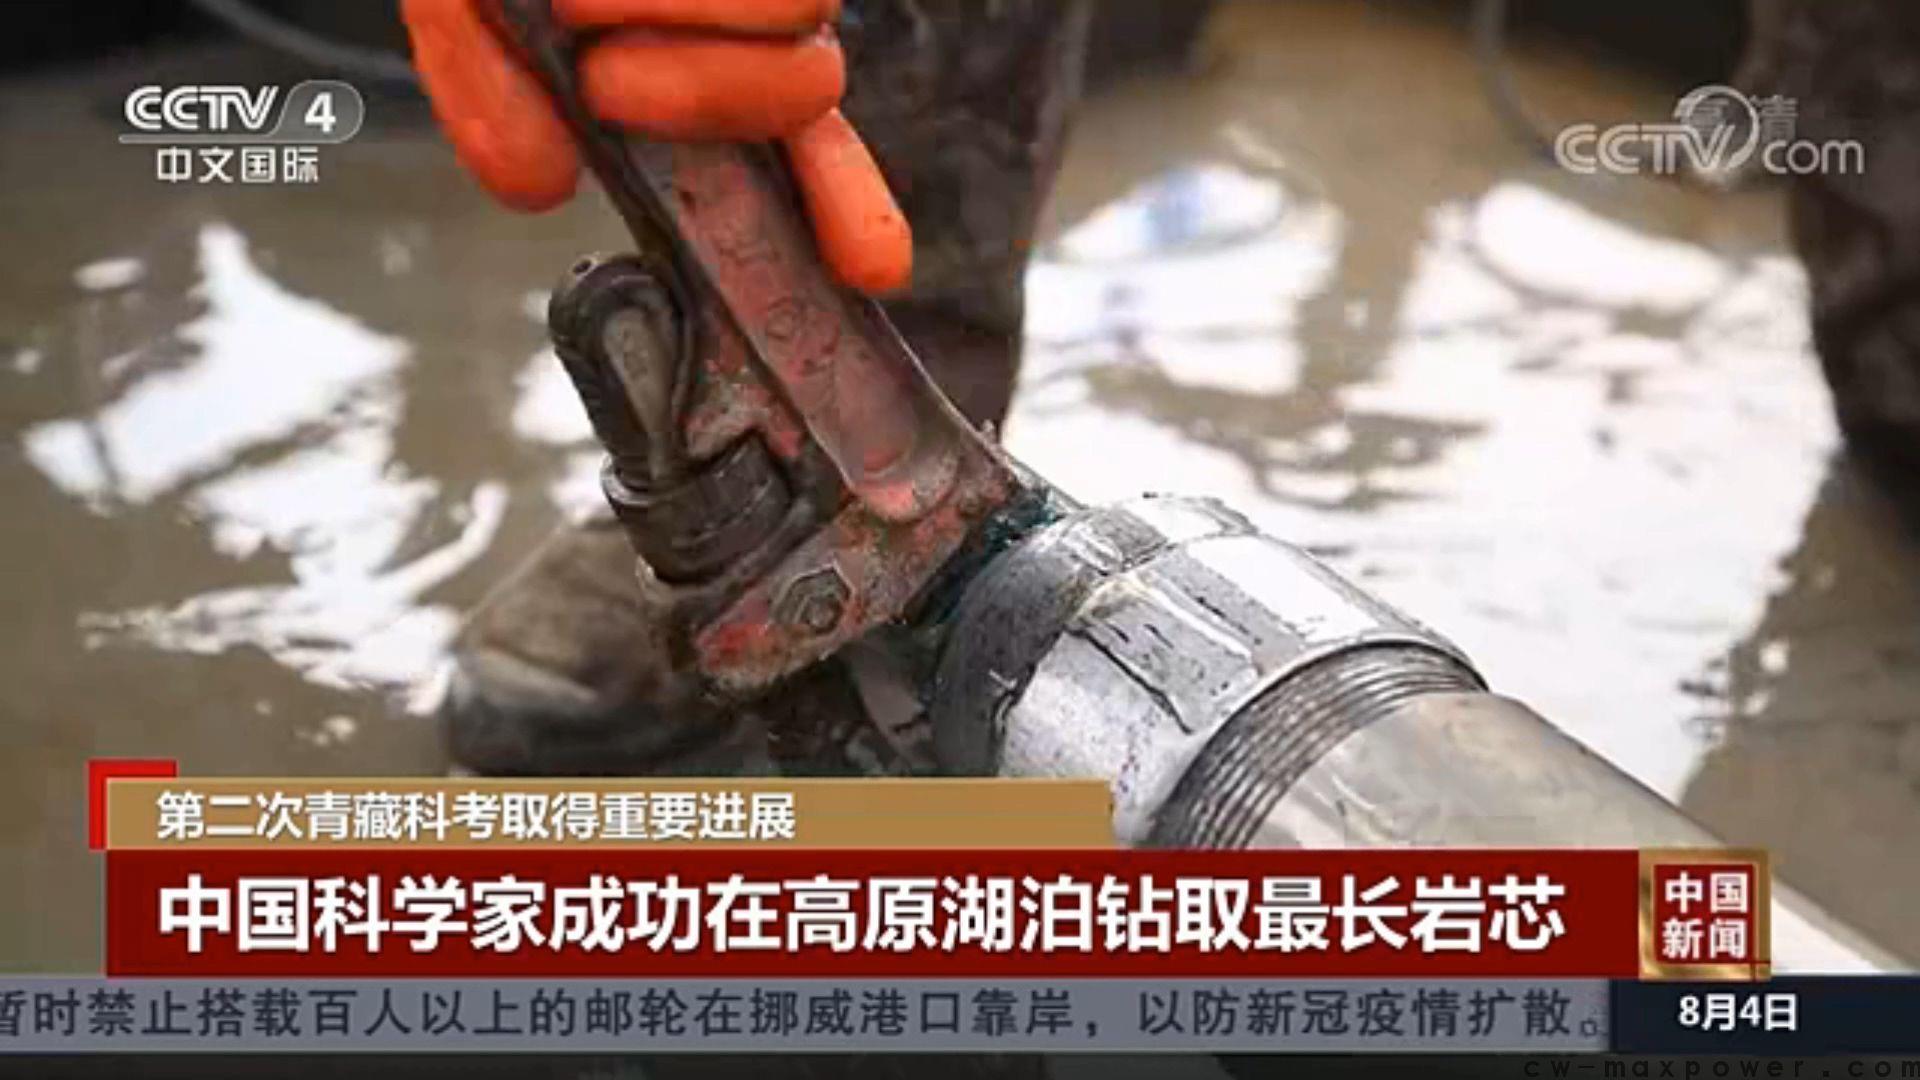 吉林11选5玩法介绍工具产品助力中国青藏科考创造新记录